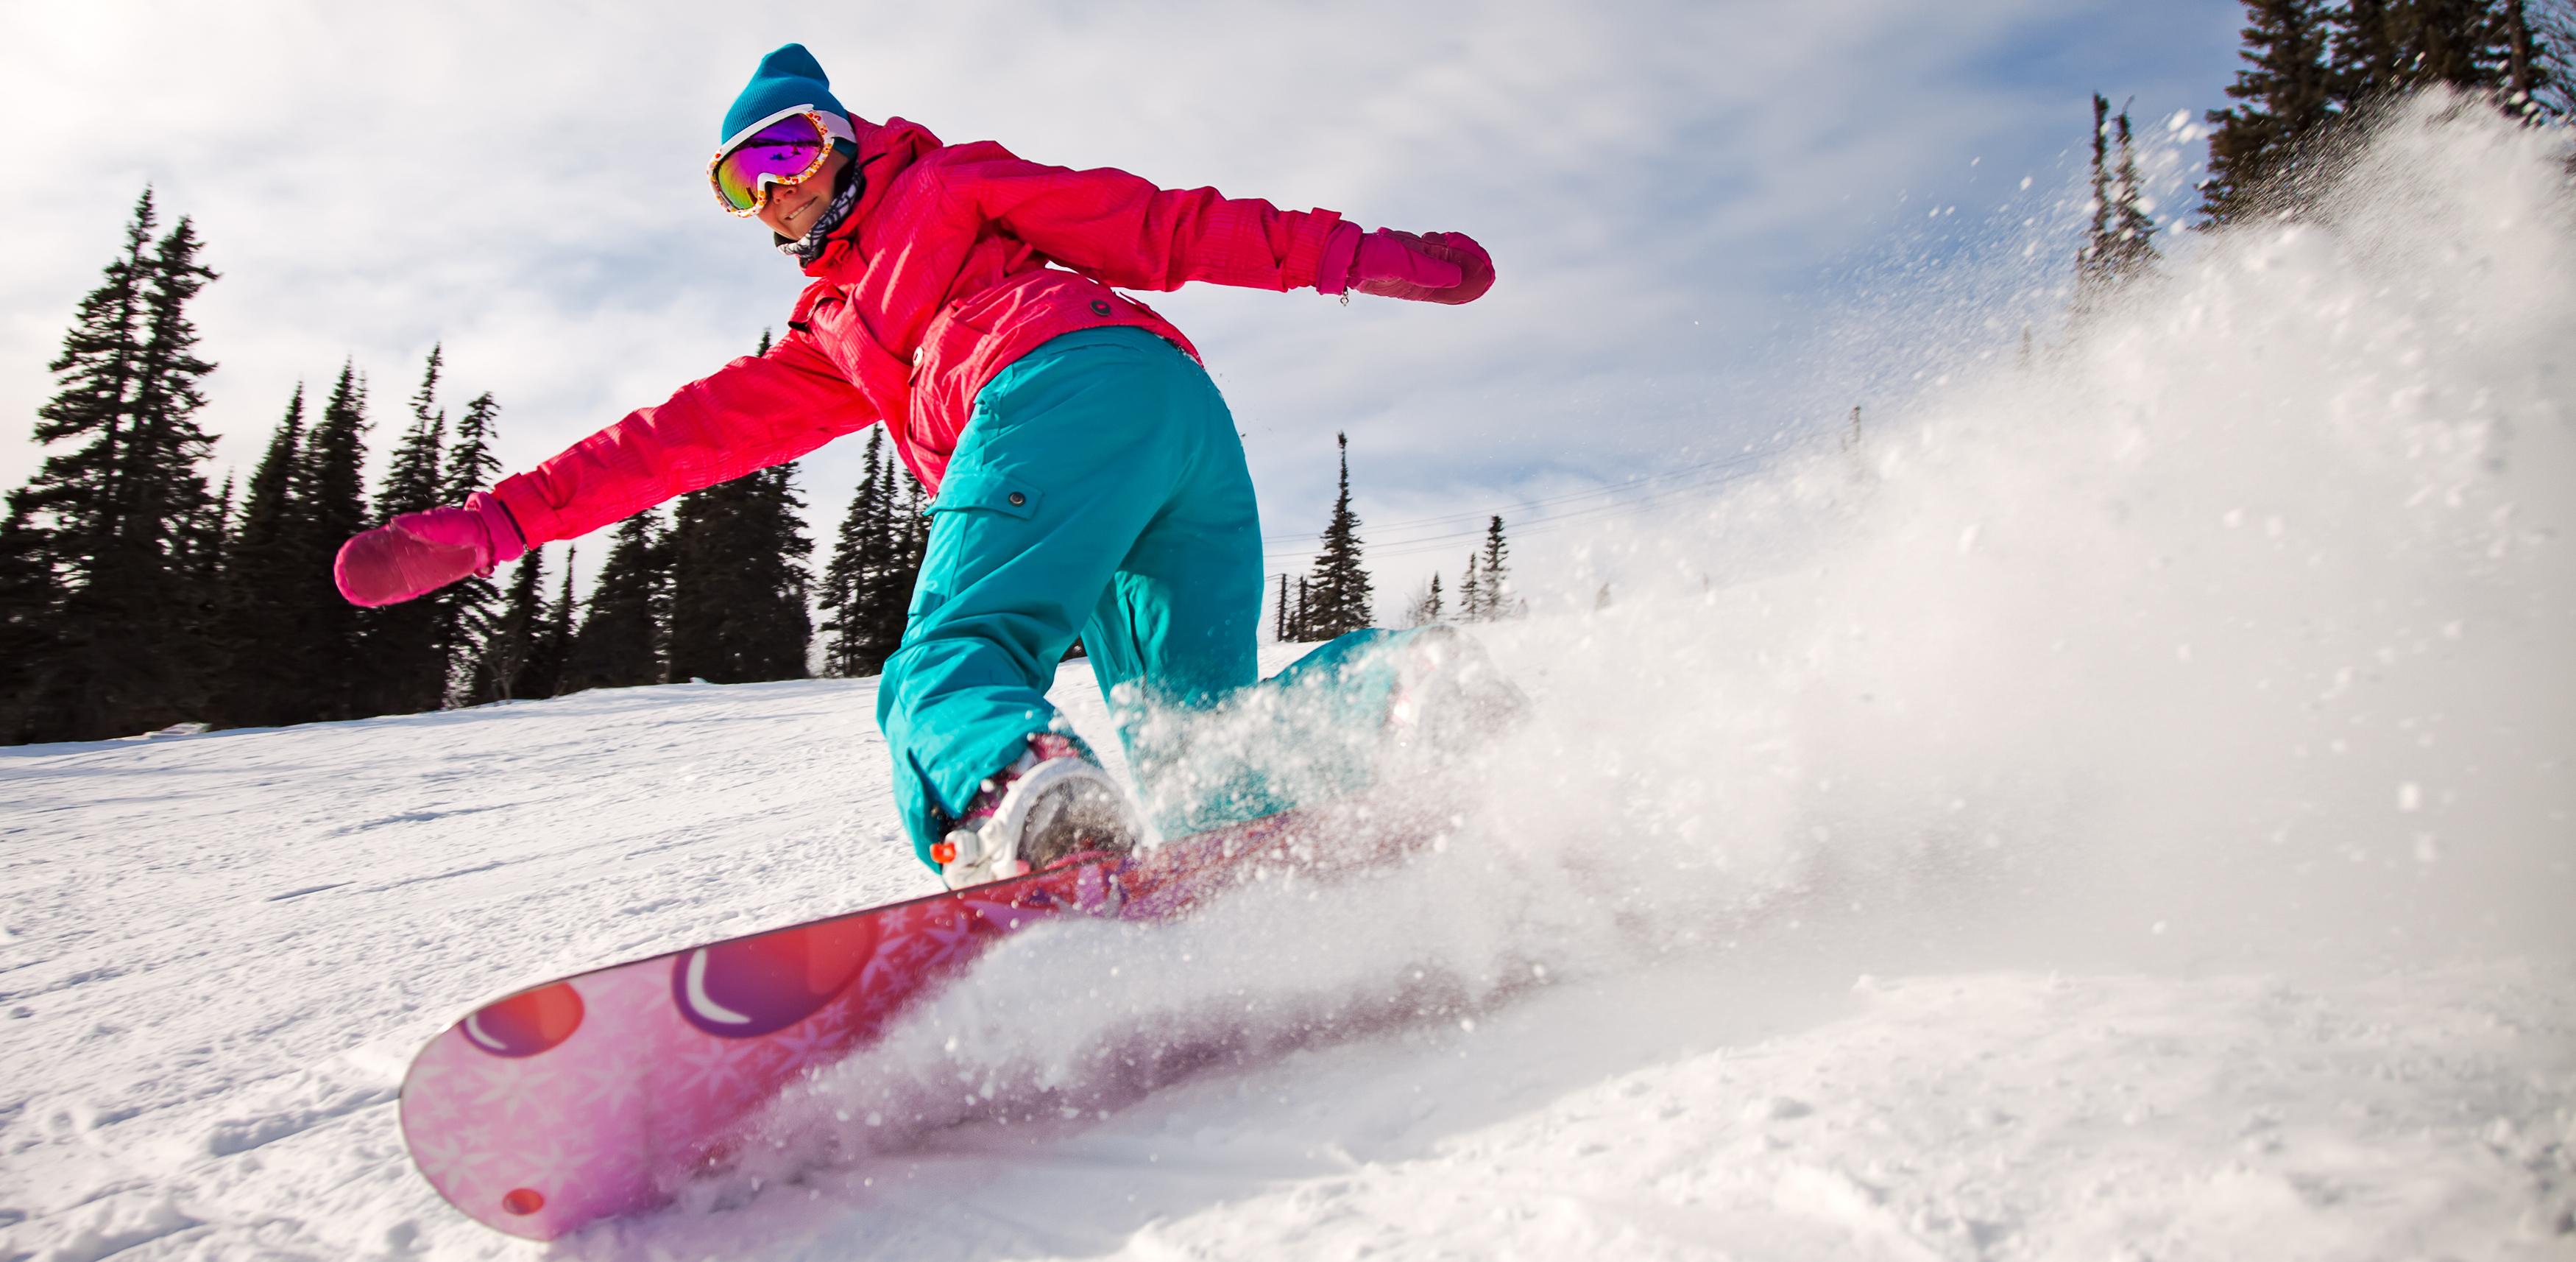 С горы за полцены: «Ежовая» устроила распродажу для лыжников и сноубордистов